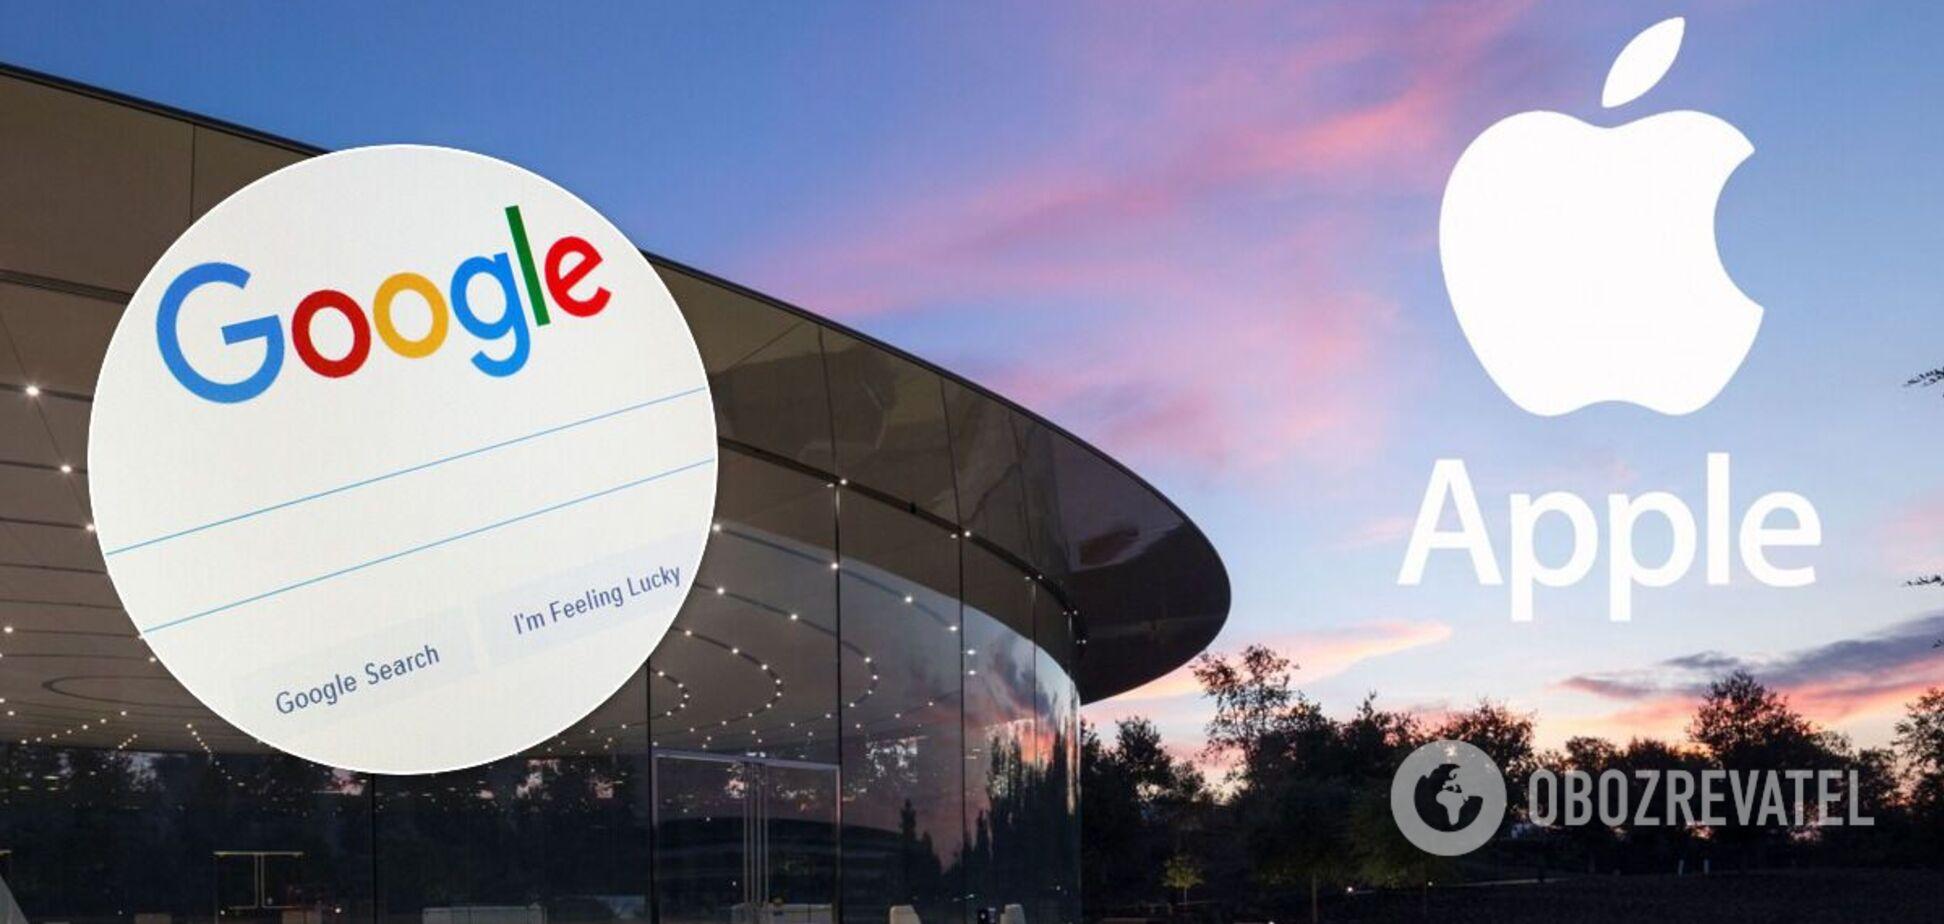 Apple створює пошукову систему, як у Google – ЗМІ